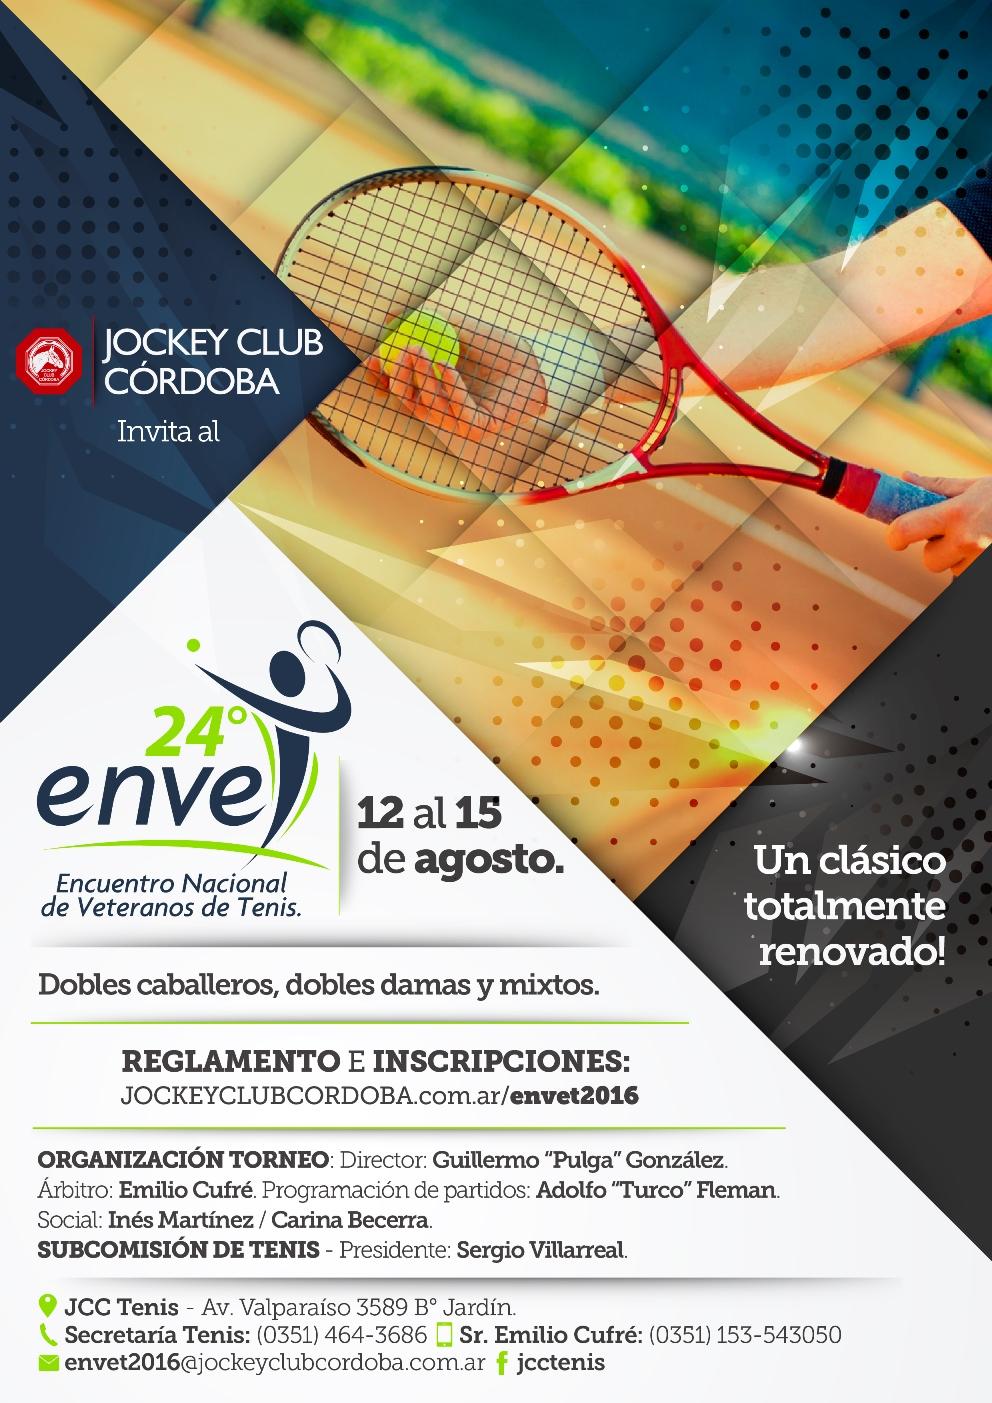 Torneo ENVET 2016 - A3 PREVIA - 24-06-2016